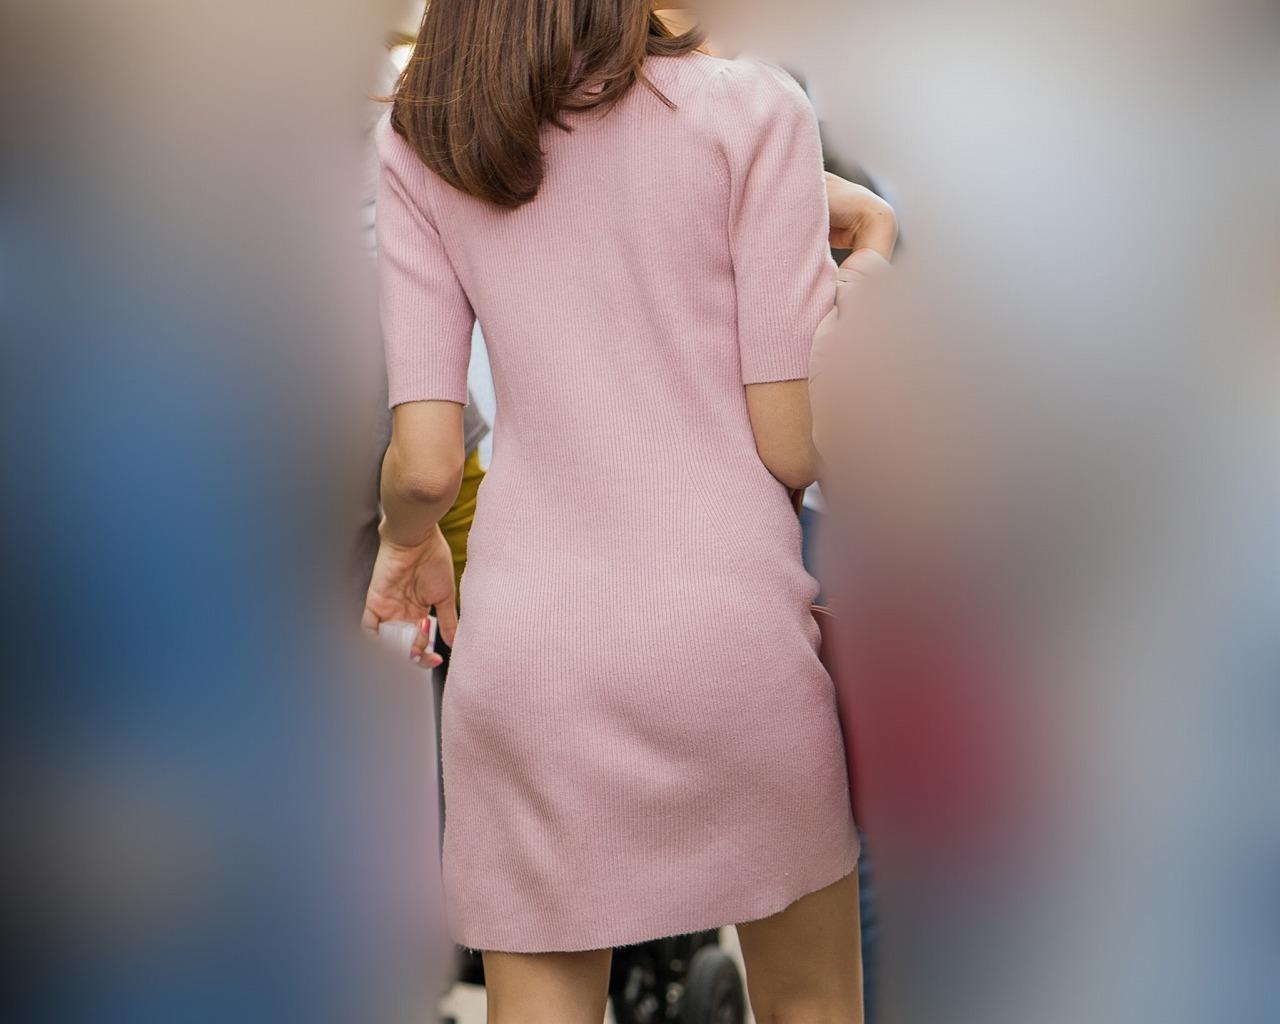 ピンクのニットミニワンピ!がキュートでエロいスレンダーギャル!